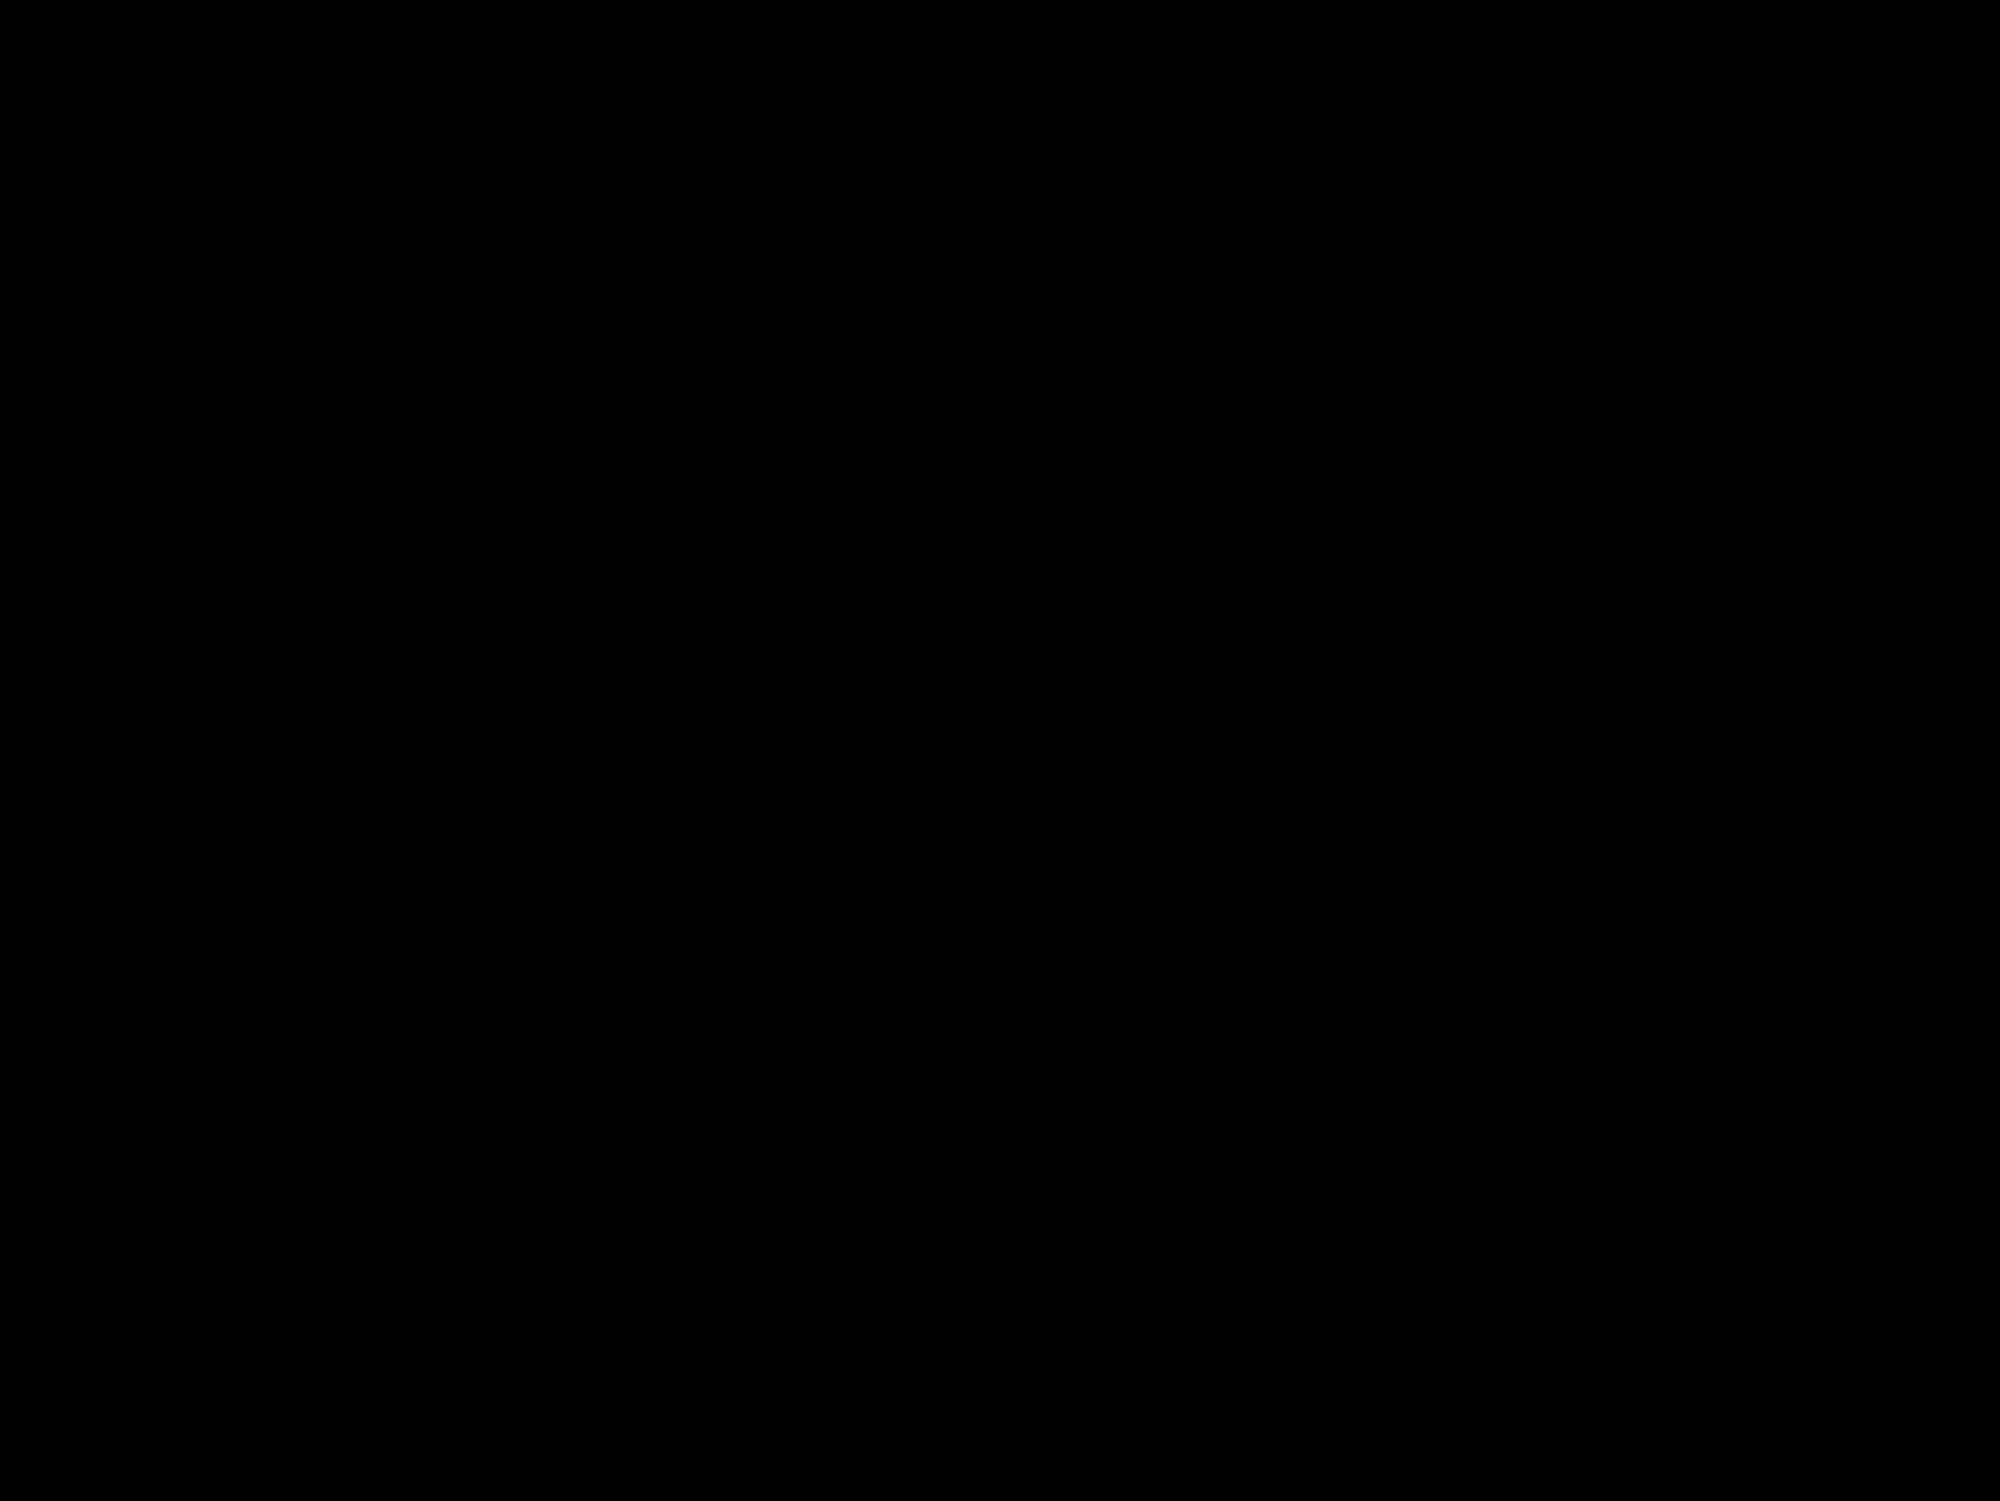 i69a0361